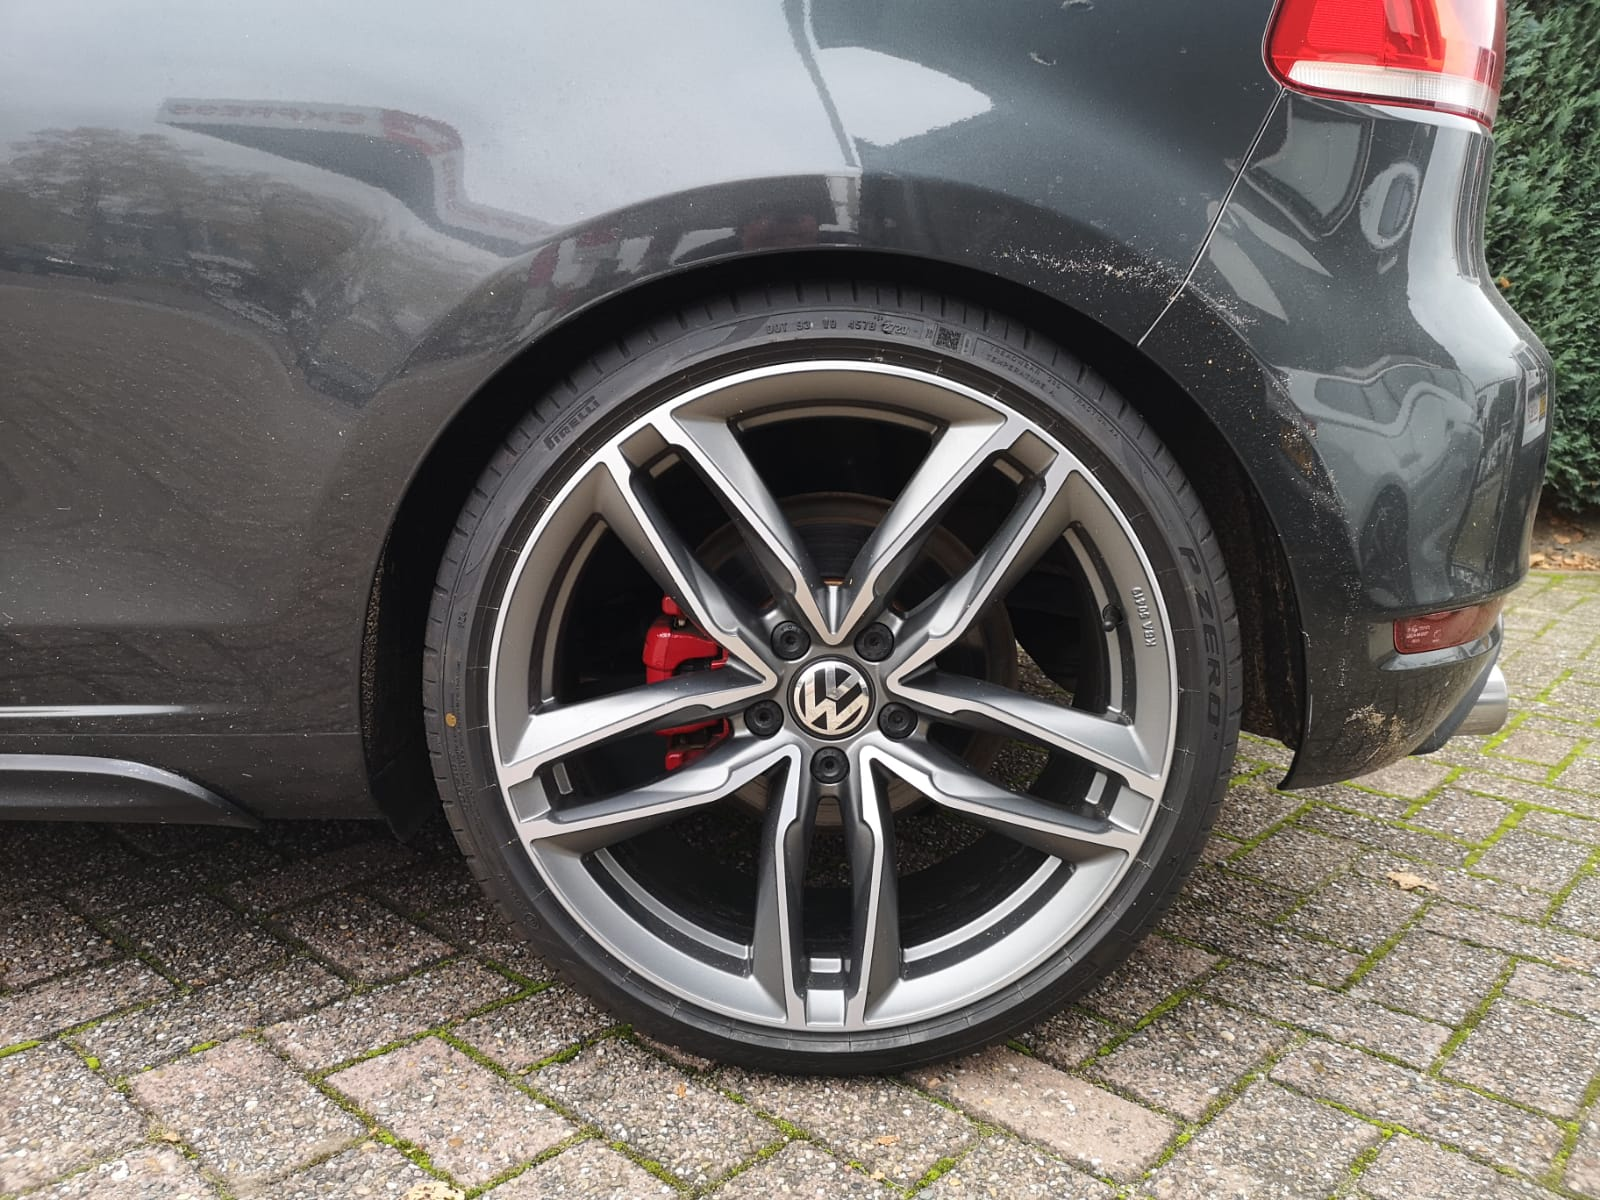 VW Golf 6 gti achterkant 15 mm verlaagd